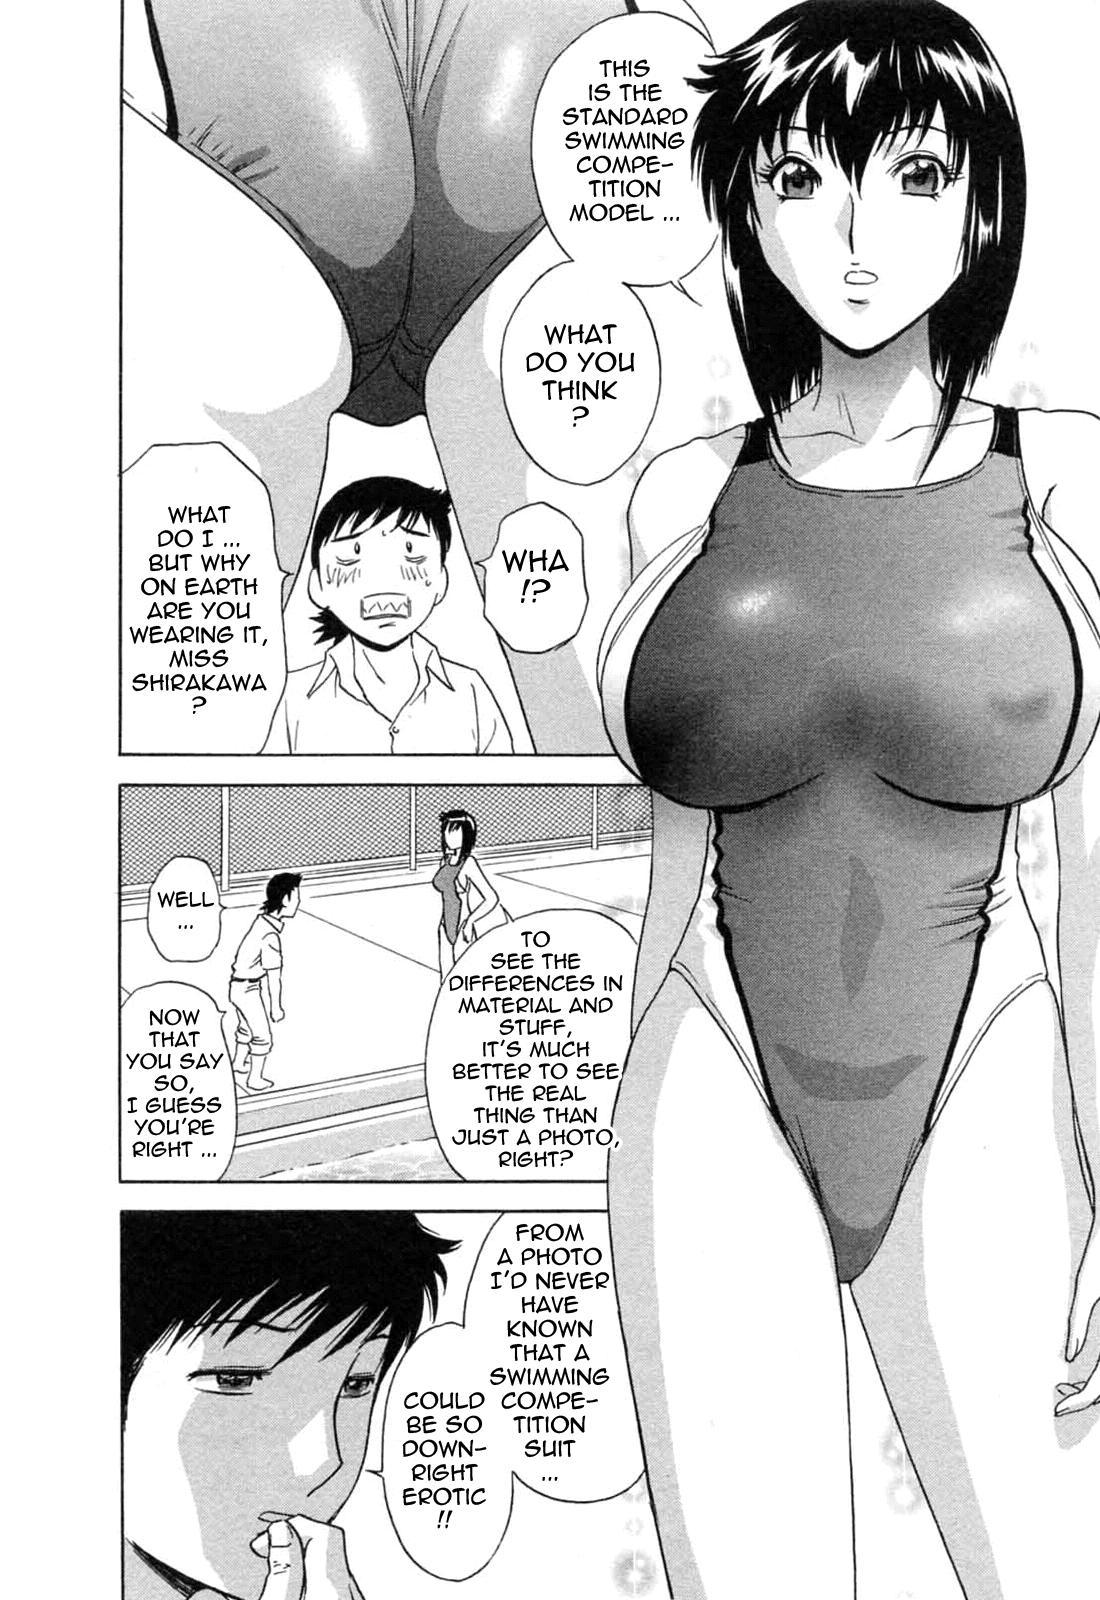 [Hidemaru] Mo-Retsu! Boin Sensei (Boing Boing Teacher) Vol.5 [English] [4dawgz] [Tadanohito] 115